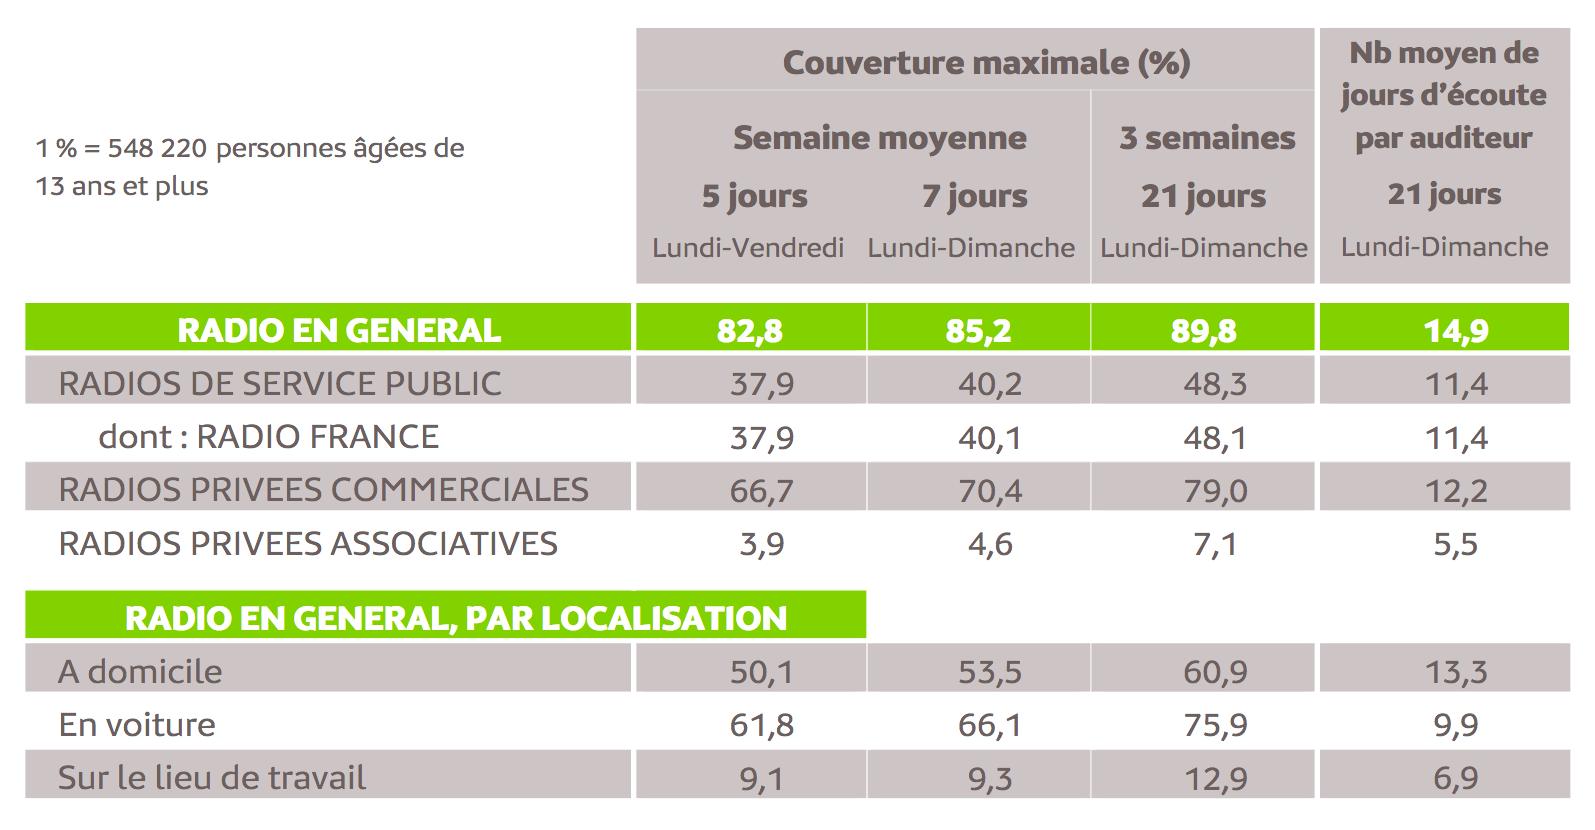 Source : Médiamétrie -Panel Radio 2020/2021-Copyright Médiamétrie -Tous droits réservés